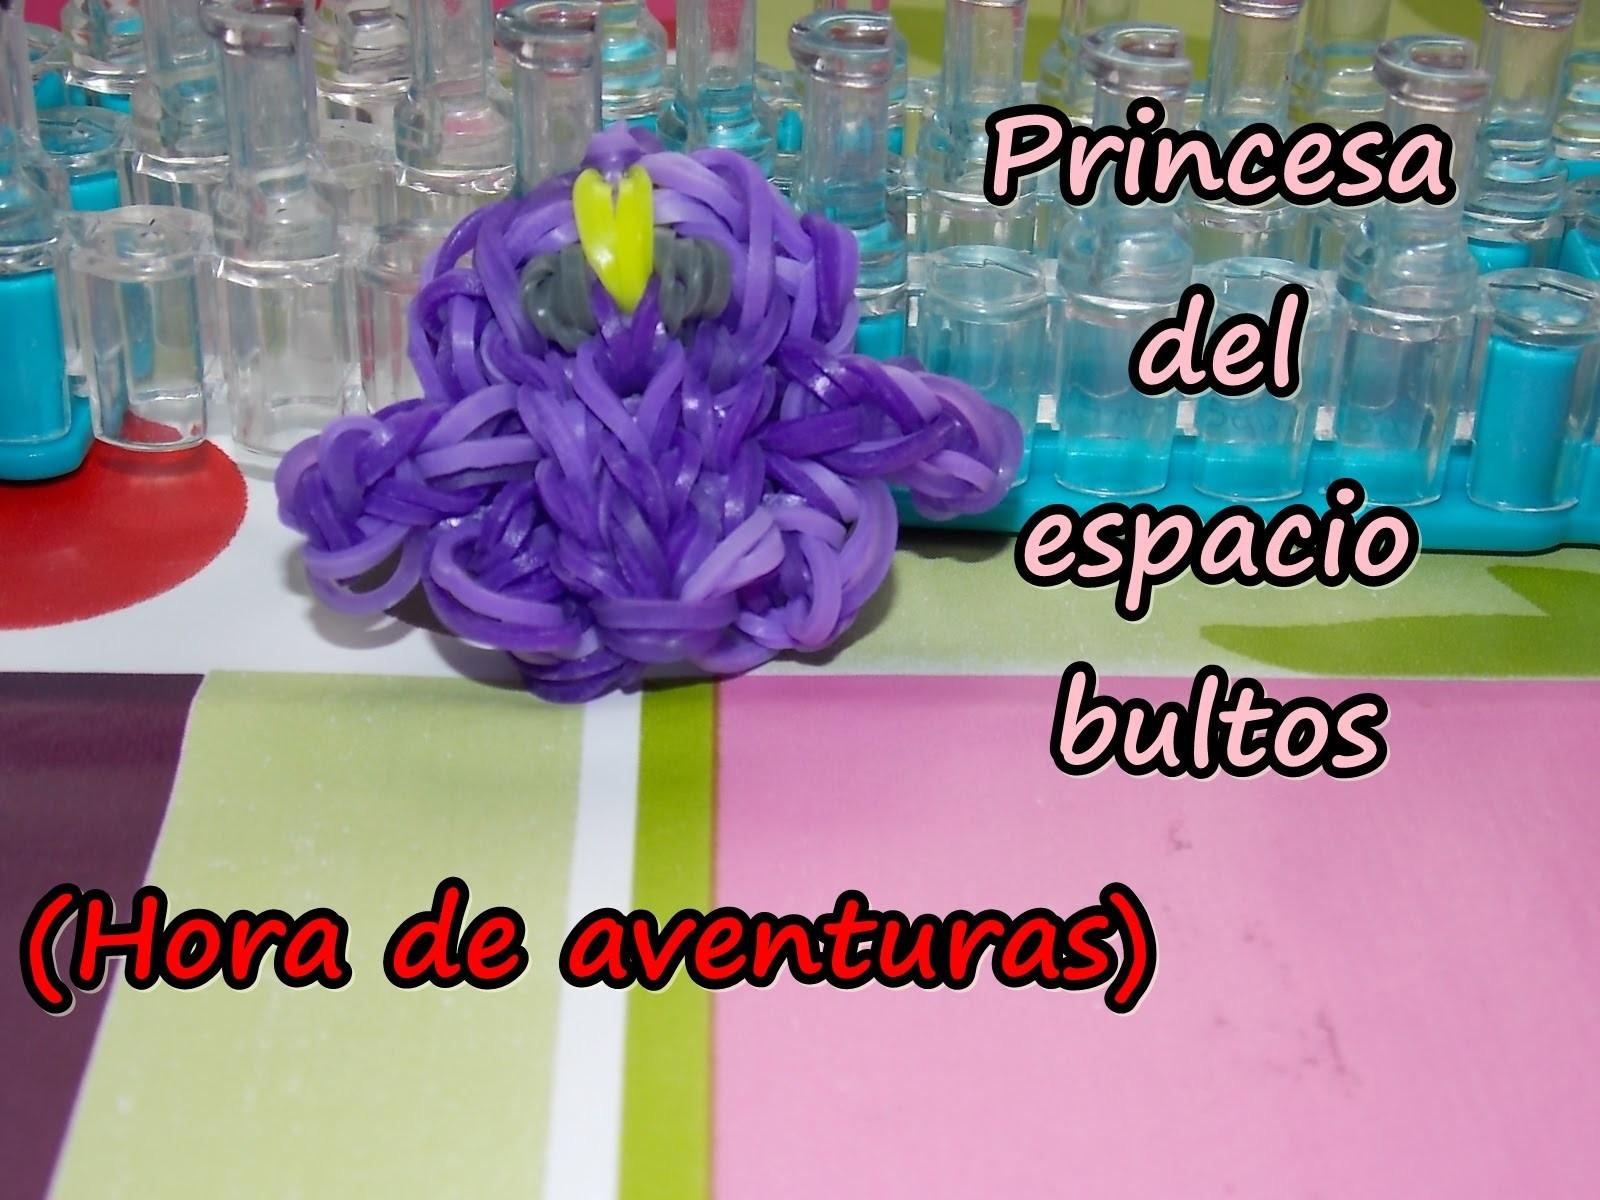 Princesa del espacio bultos. lumpy space on rainbow loom